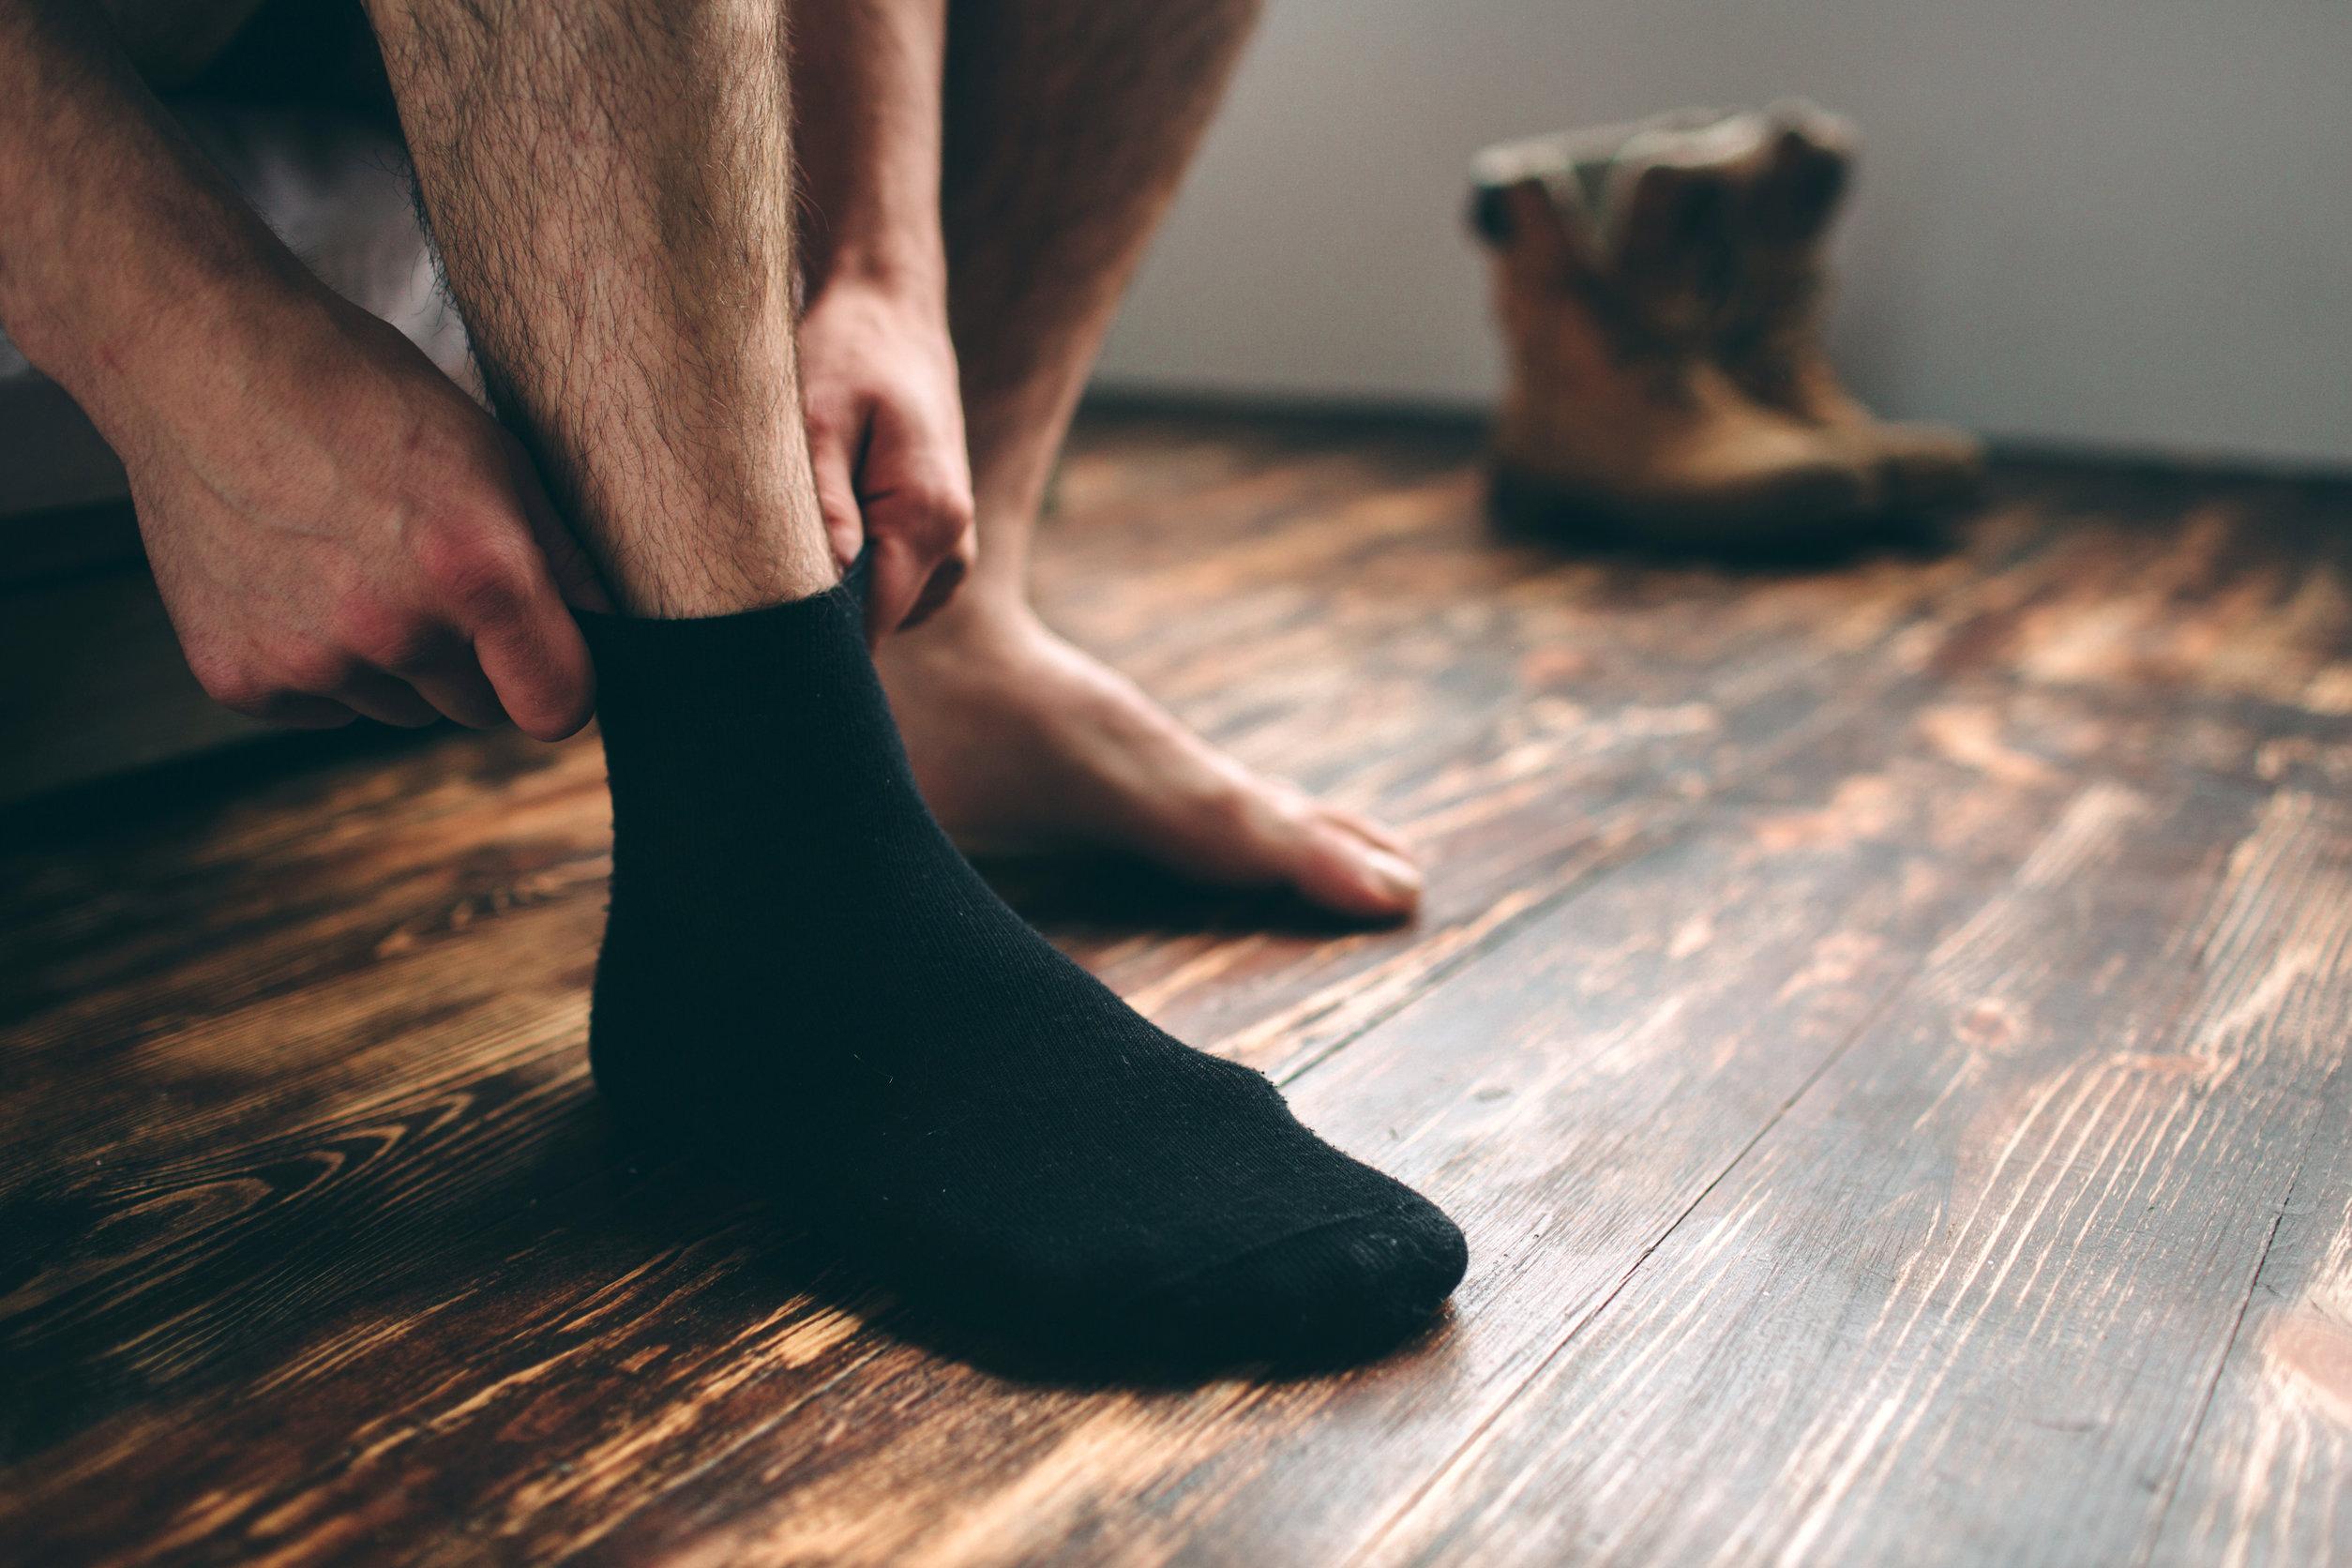 Hombre poniendose calcetines negros